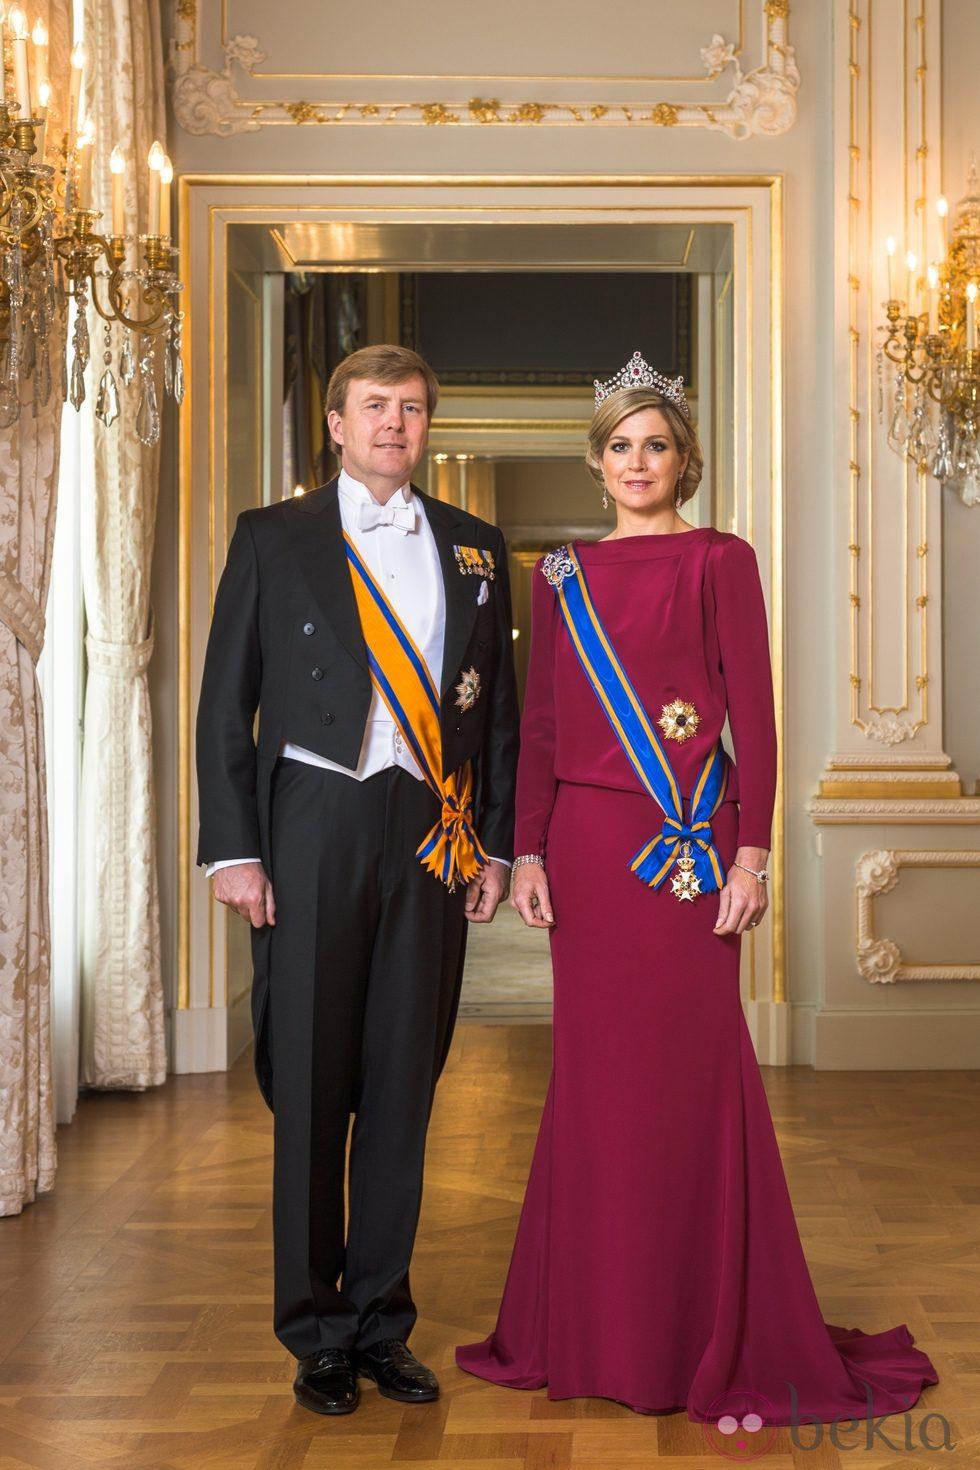 Primer retrato oficial de los Reyes Guillermo Alejandro y Máxima de Holanda